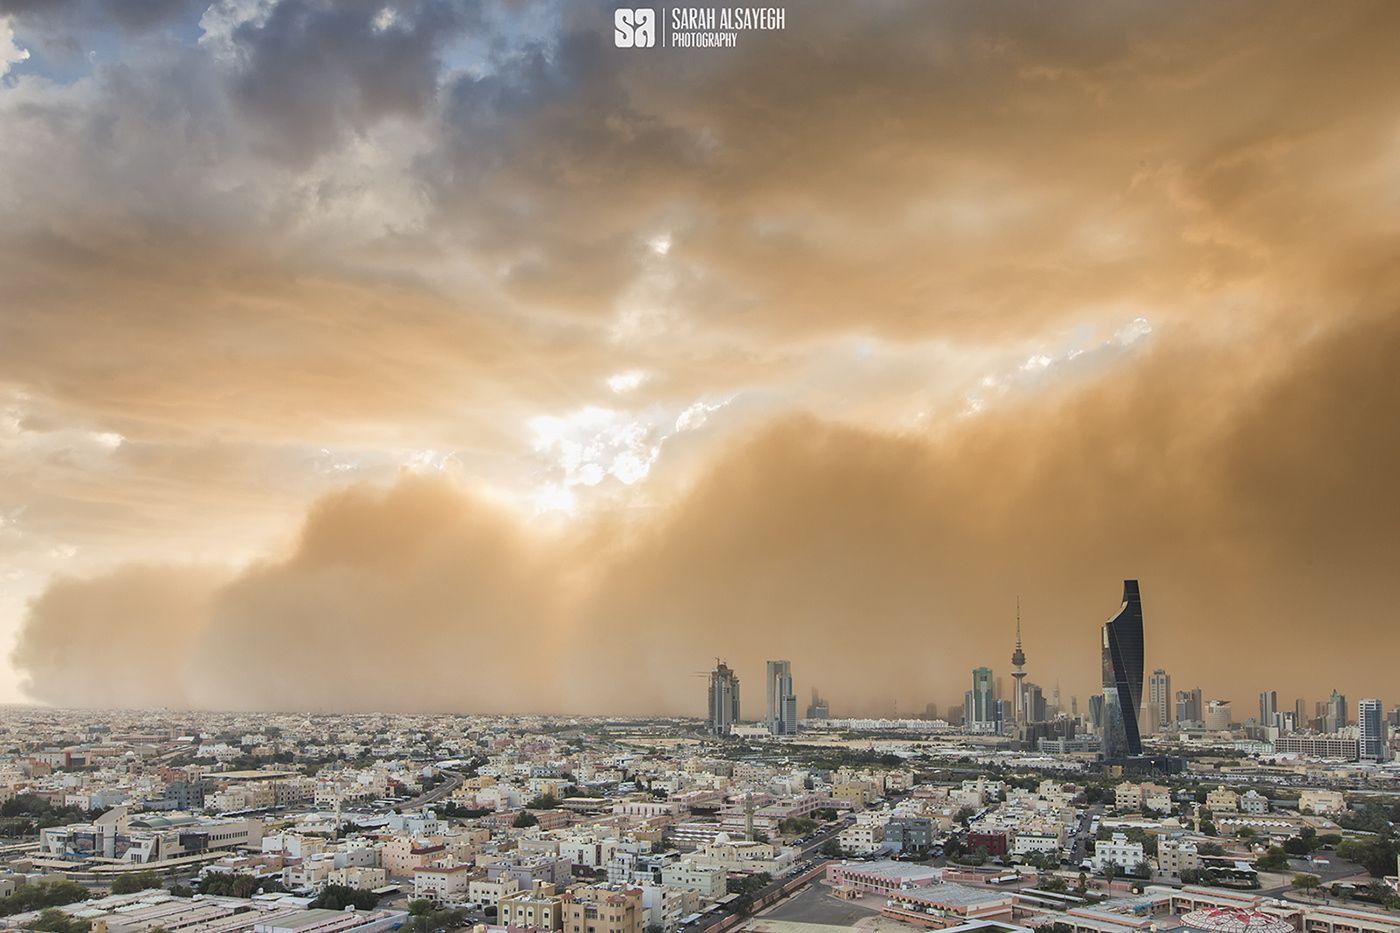 غبار الكويت - تصوير سارة الصايغ